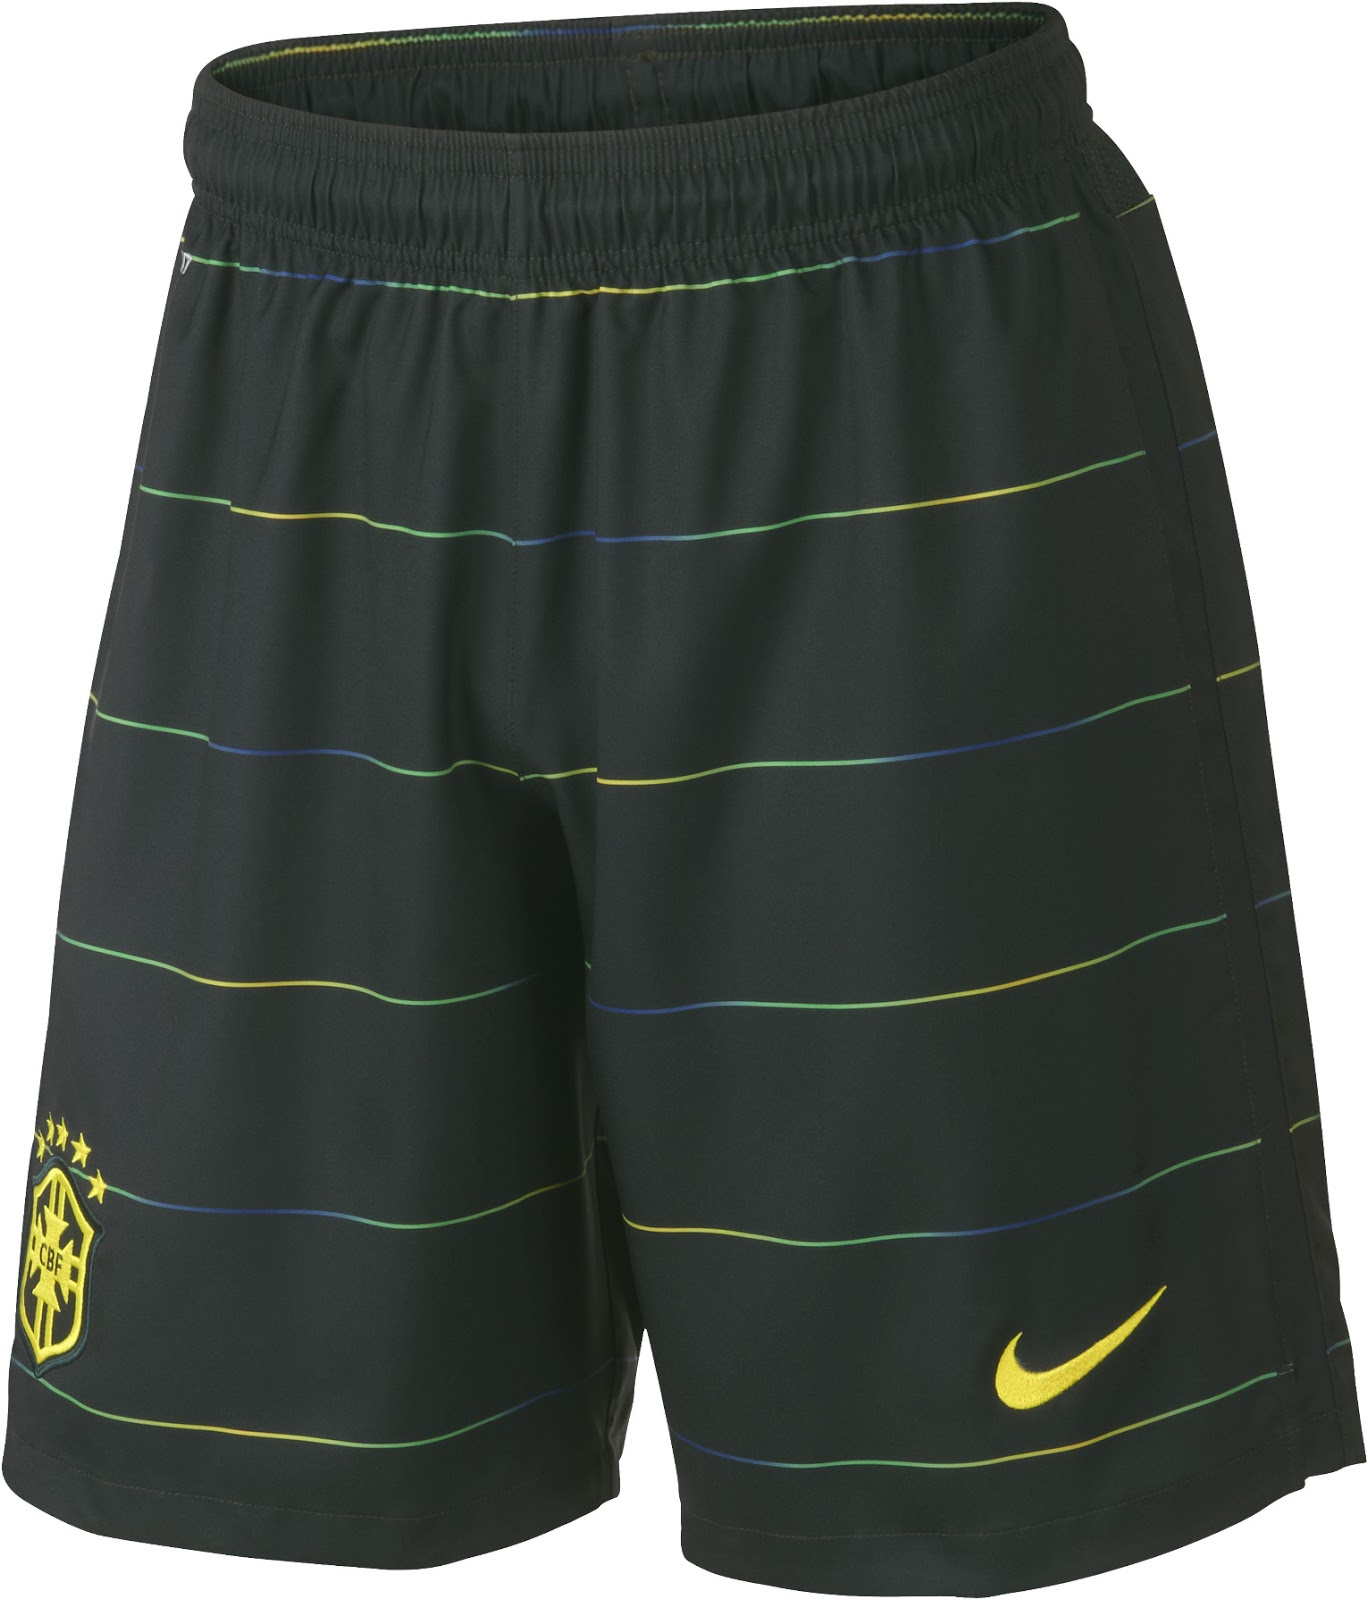 Brazil-2014-NIKE-new-third-kit-5.jpg